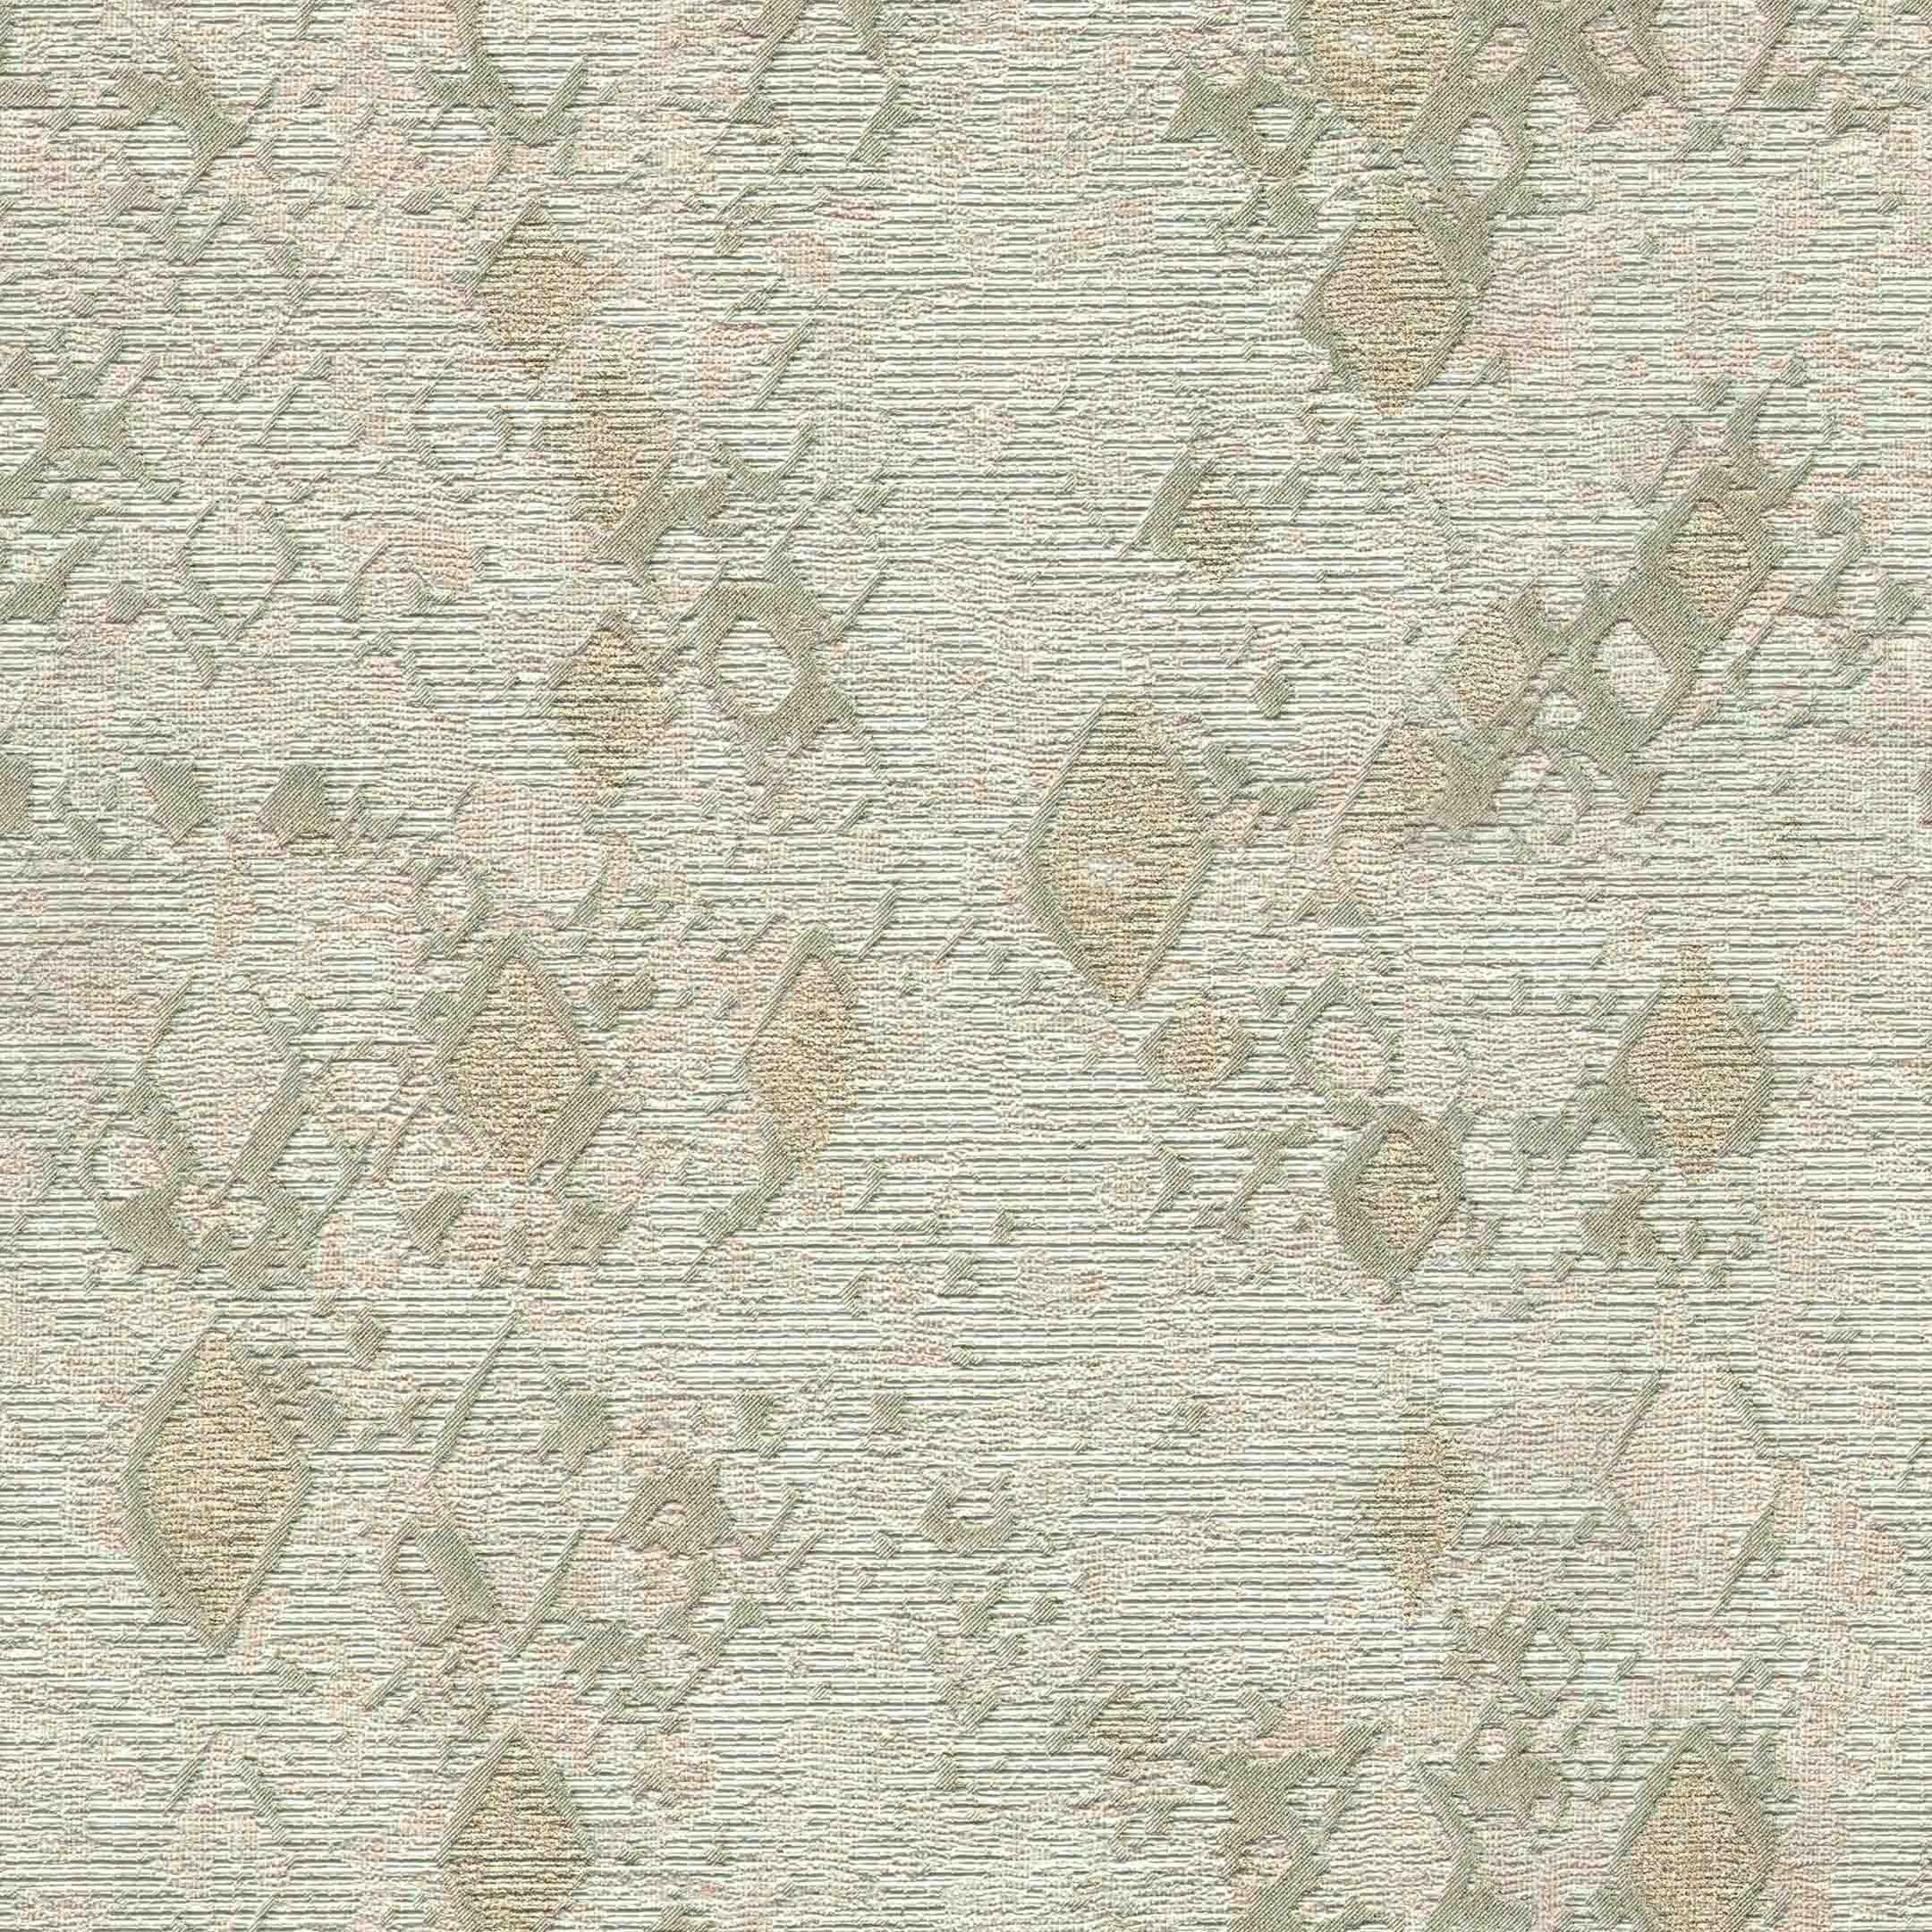 Обои виниловые на флизелиновой основе Zambaiti Murella Moda M53003 (1,06х10,05 м) zambaiti parati обои zambaiti parati stella 7201r